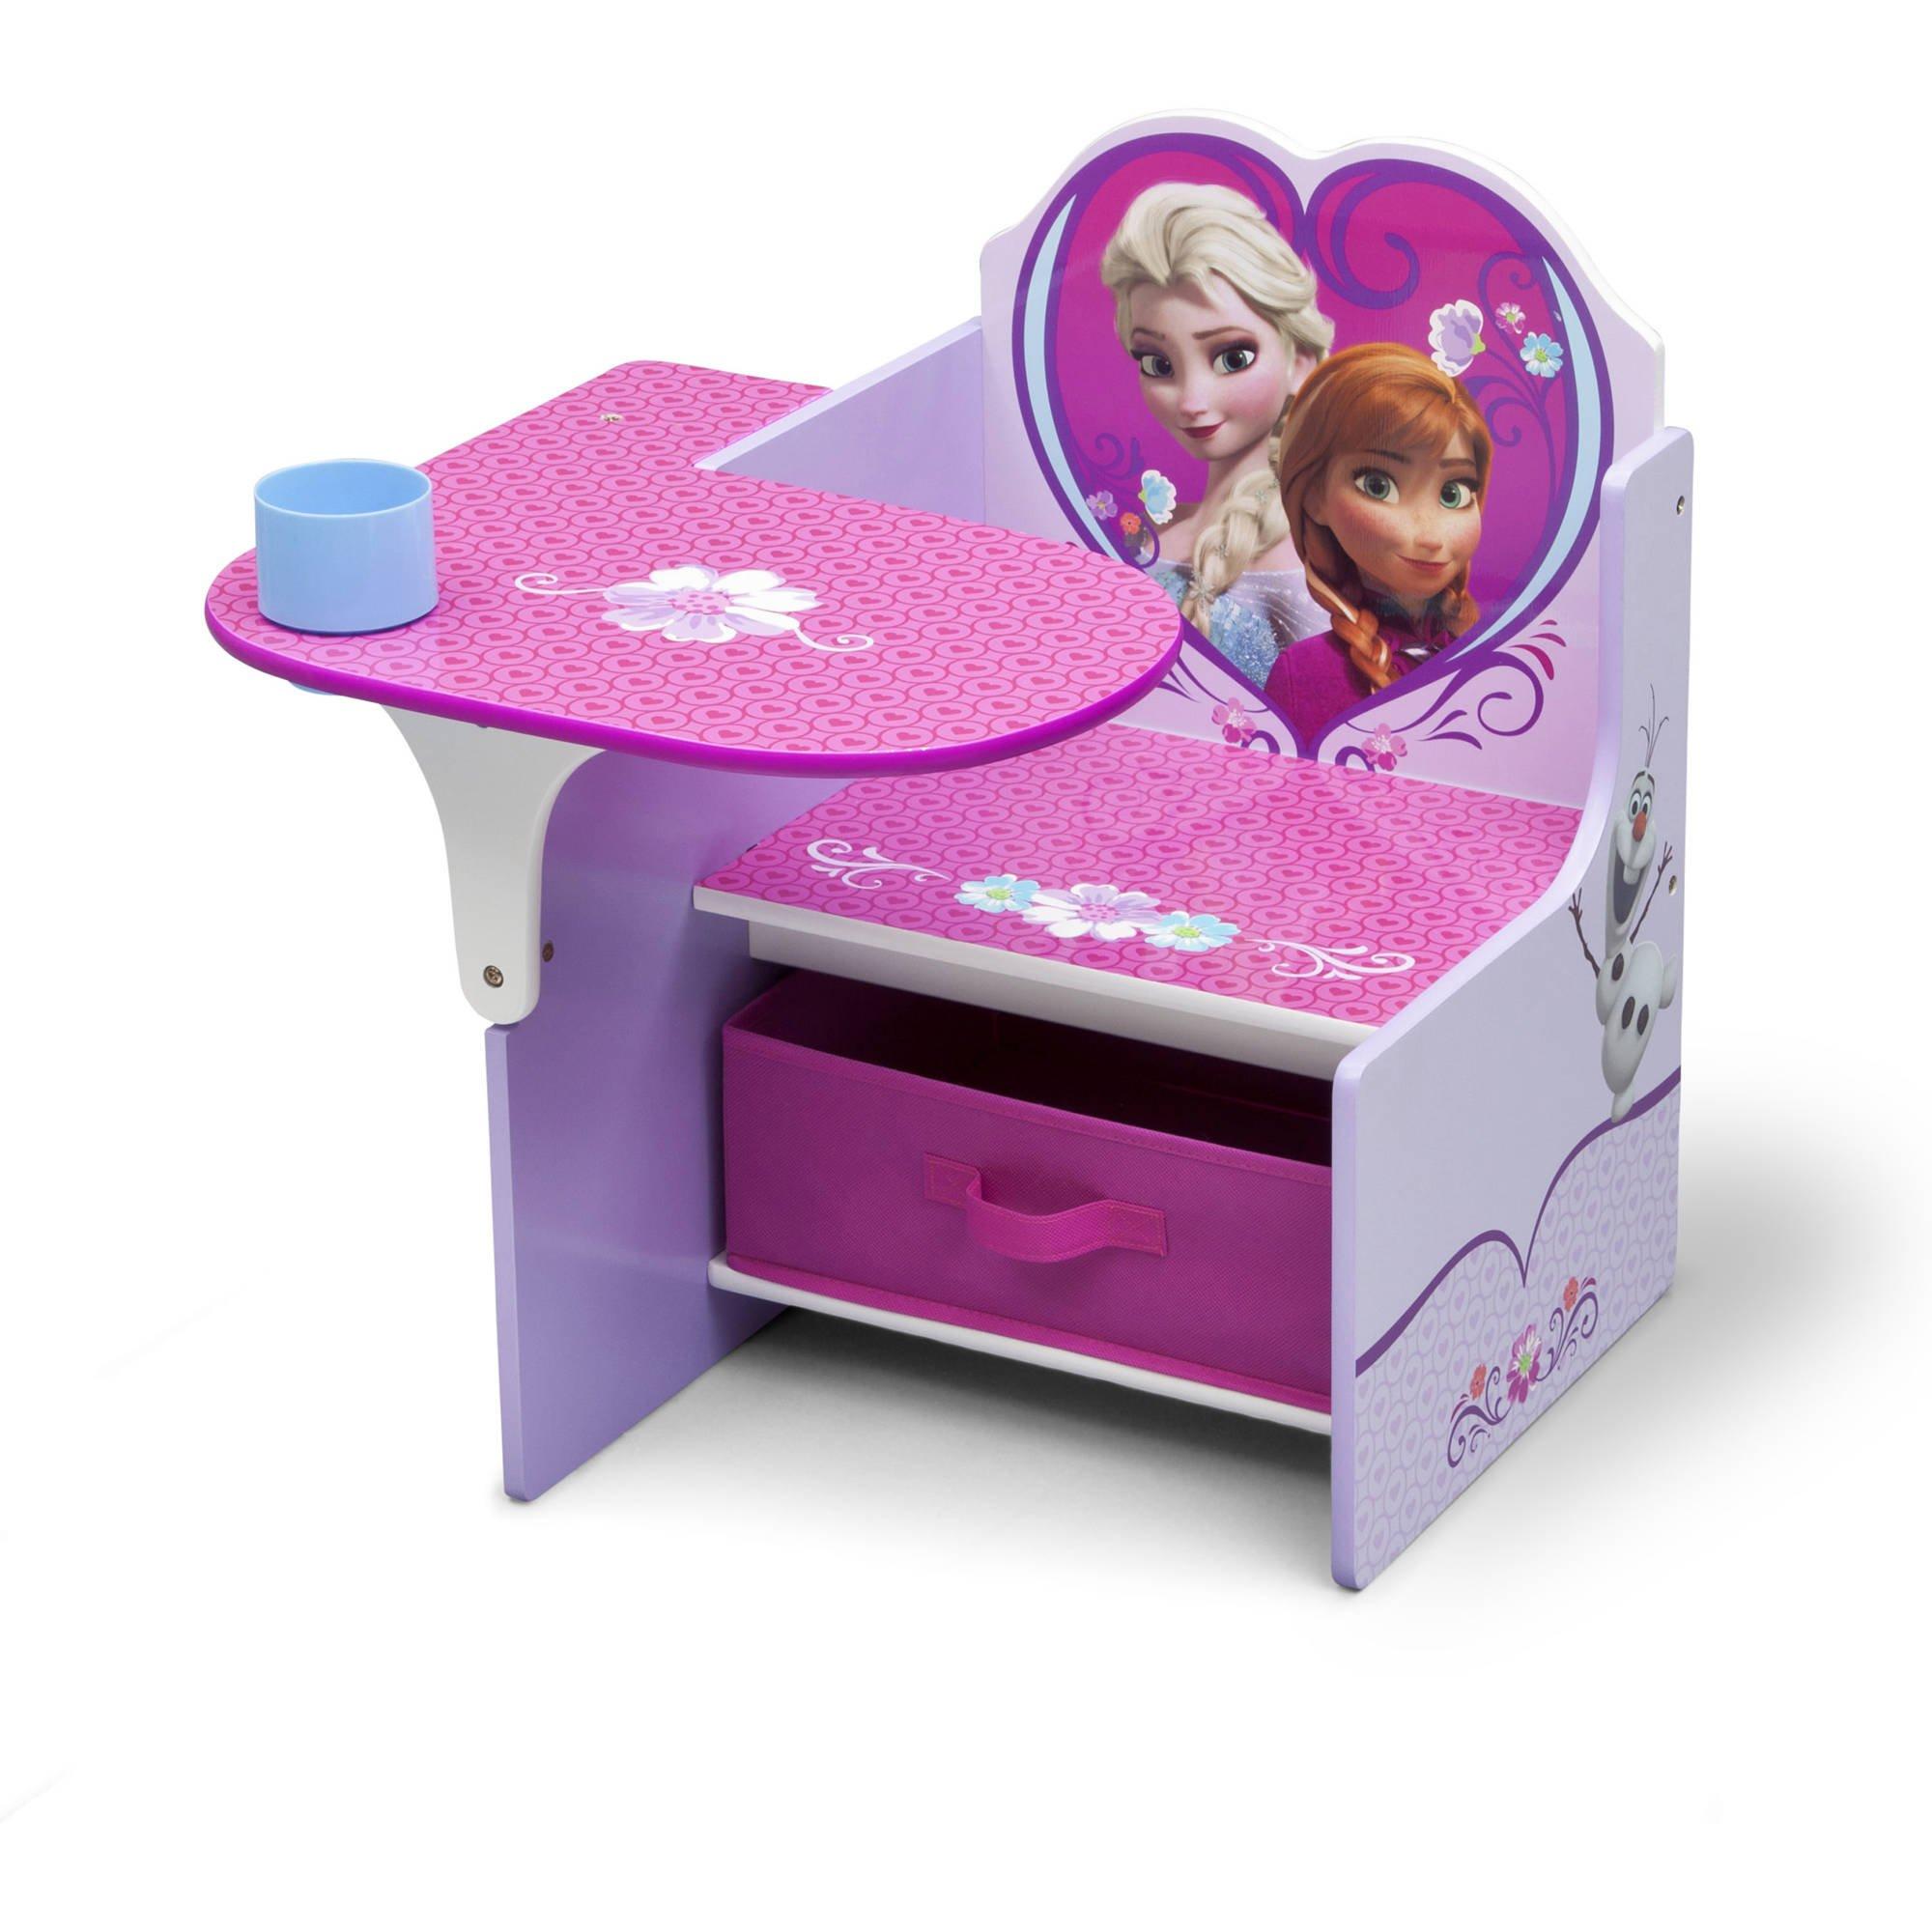 Disney Frozen Kids Activity and Study Desk Chair with Fabric Storage/Organizer Bin